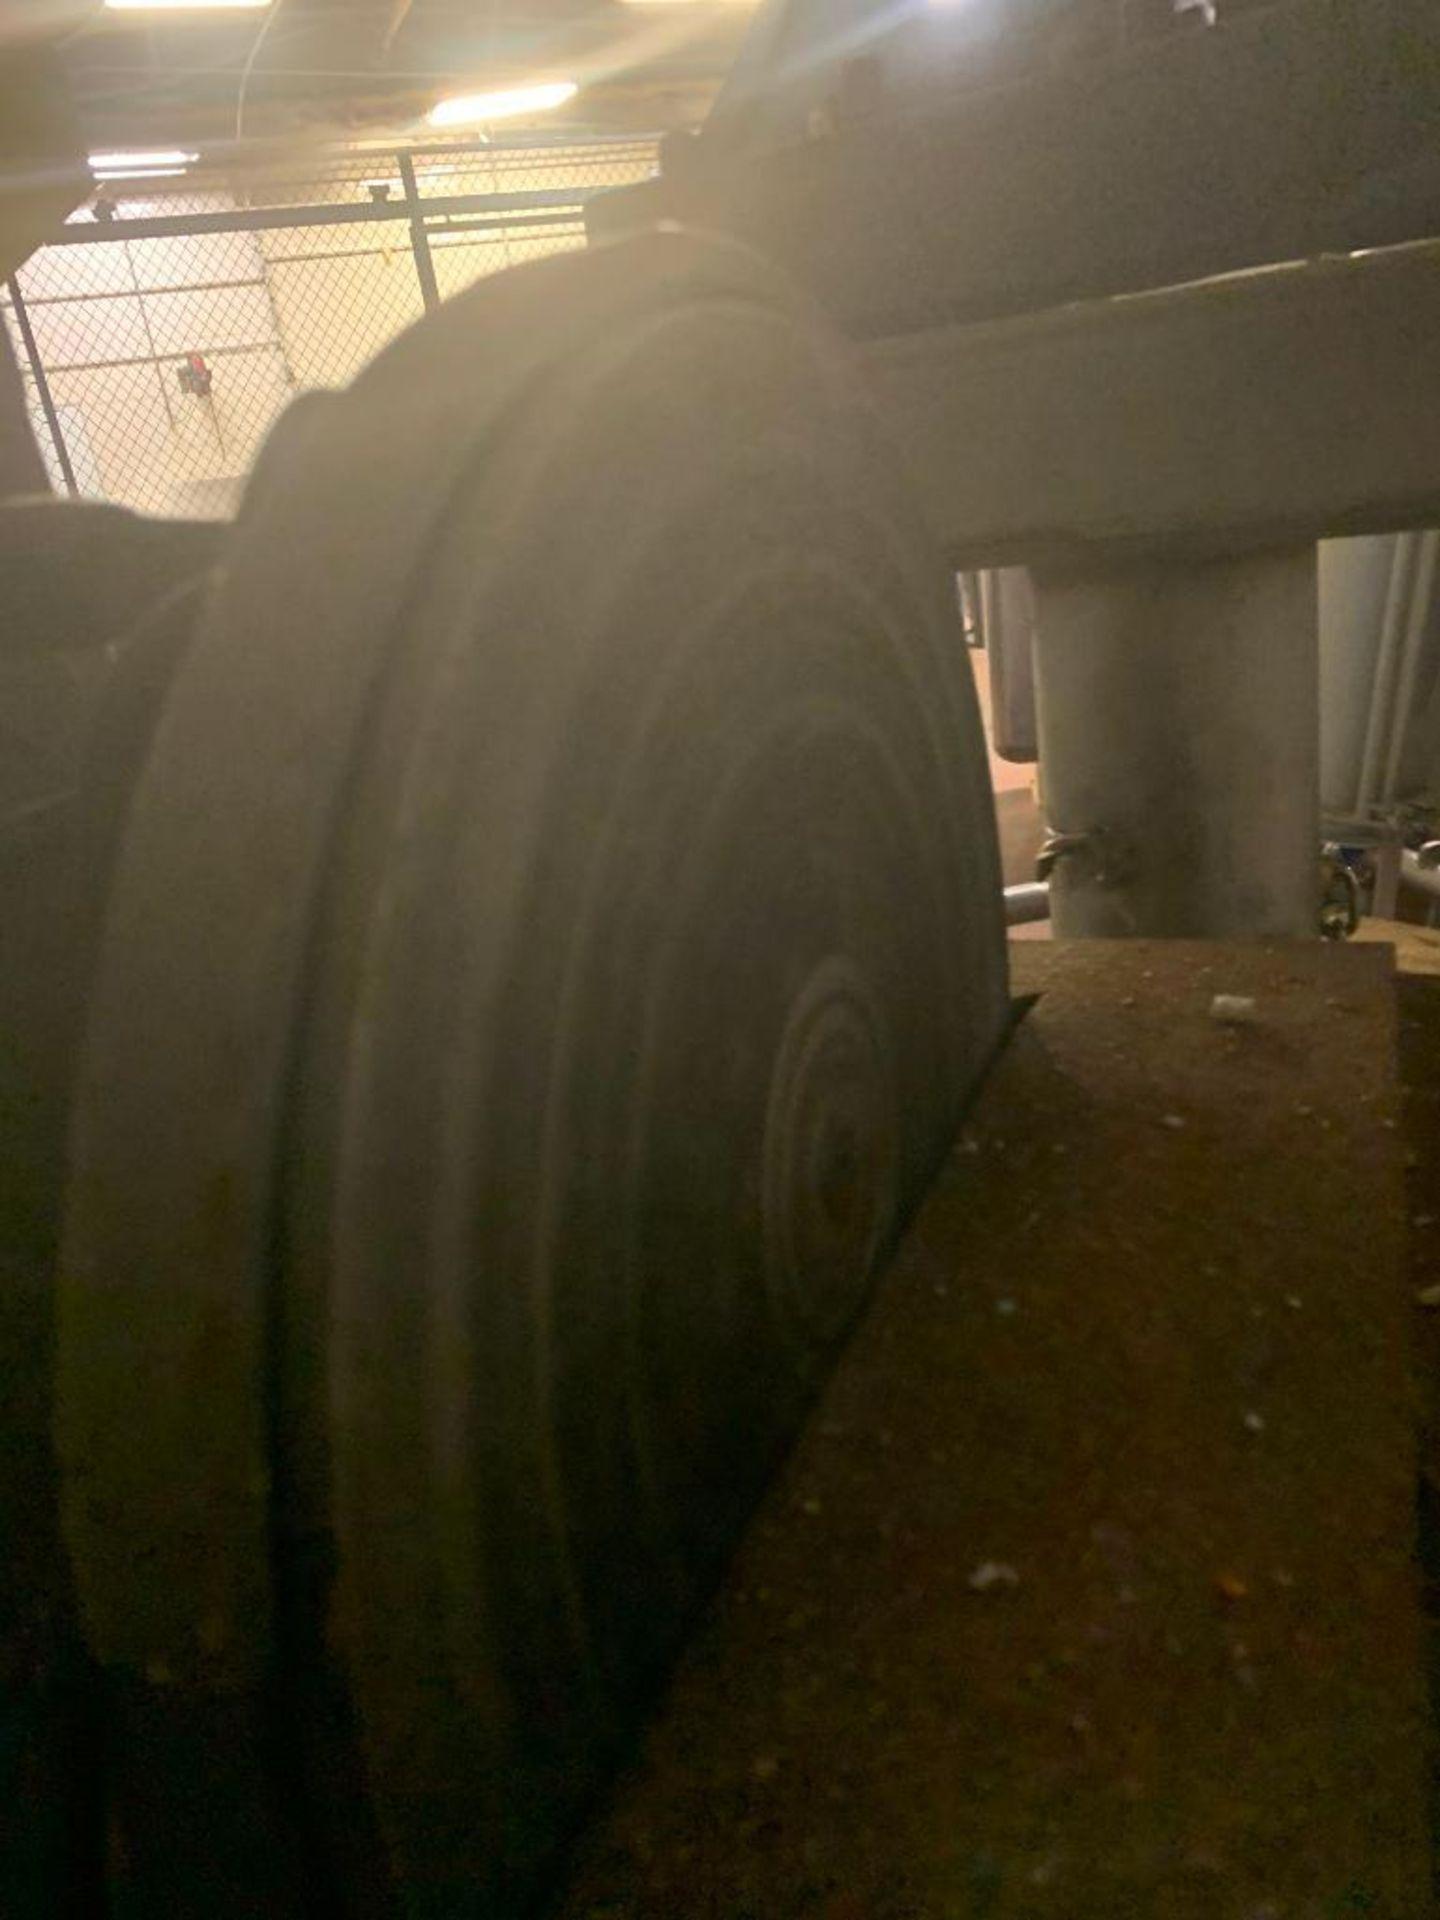 Lot 4317 - disc and belt combination sander